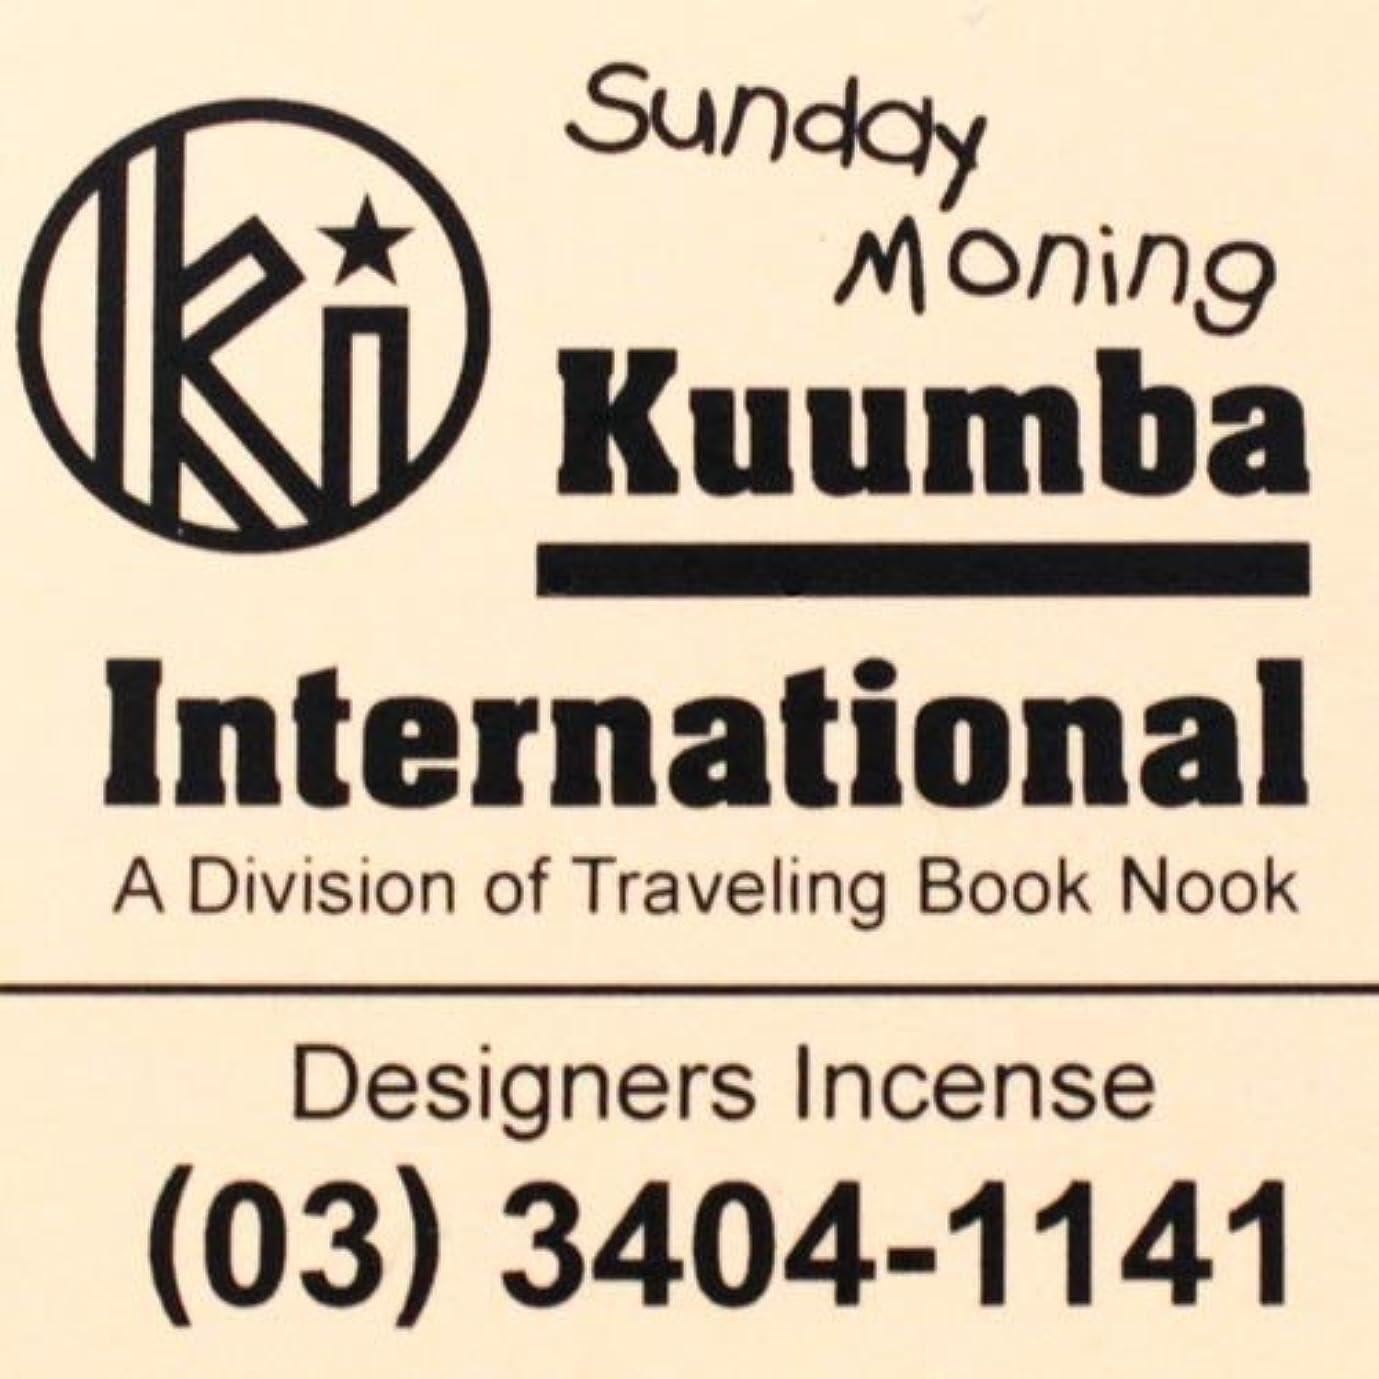 摩擦ロイヤリティ化学者(クンバ) KUUMBA『incense』(Sunday Morning) (Regular size)